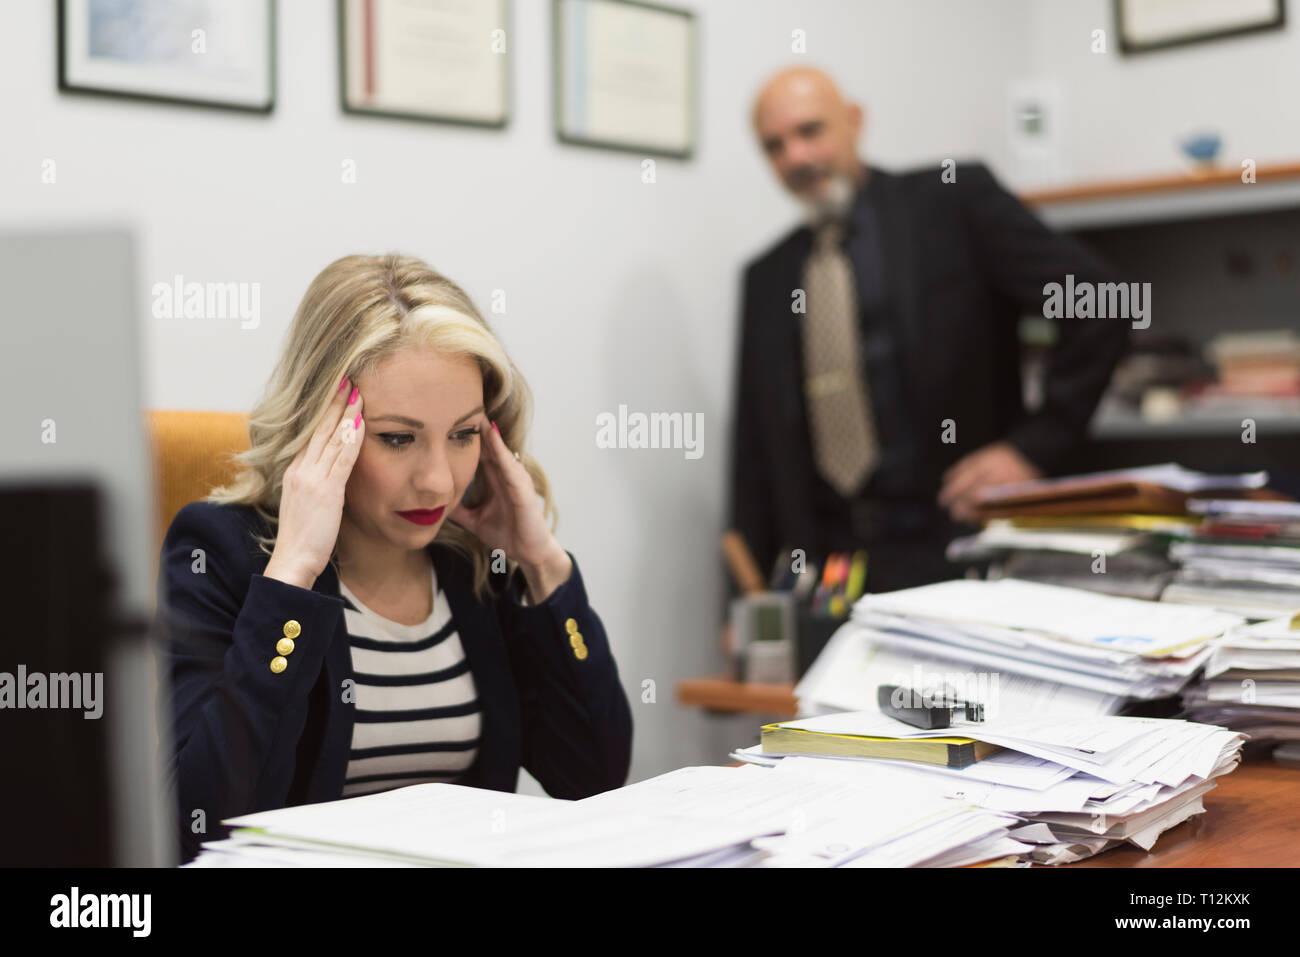 Femmina di lavoratore di ufficio ha sottolineato prima di un grande carico di documenti e lavori di ufficio Foto Stock